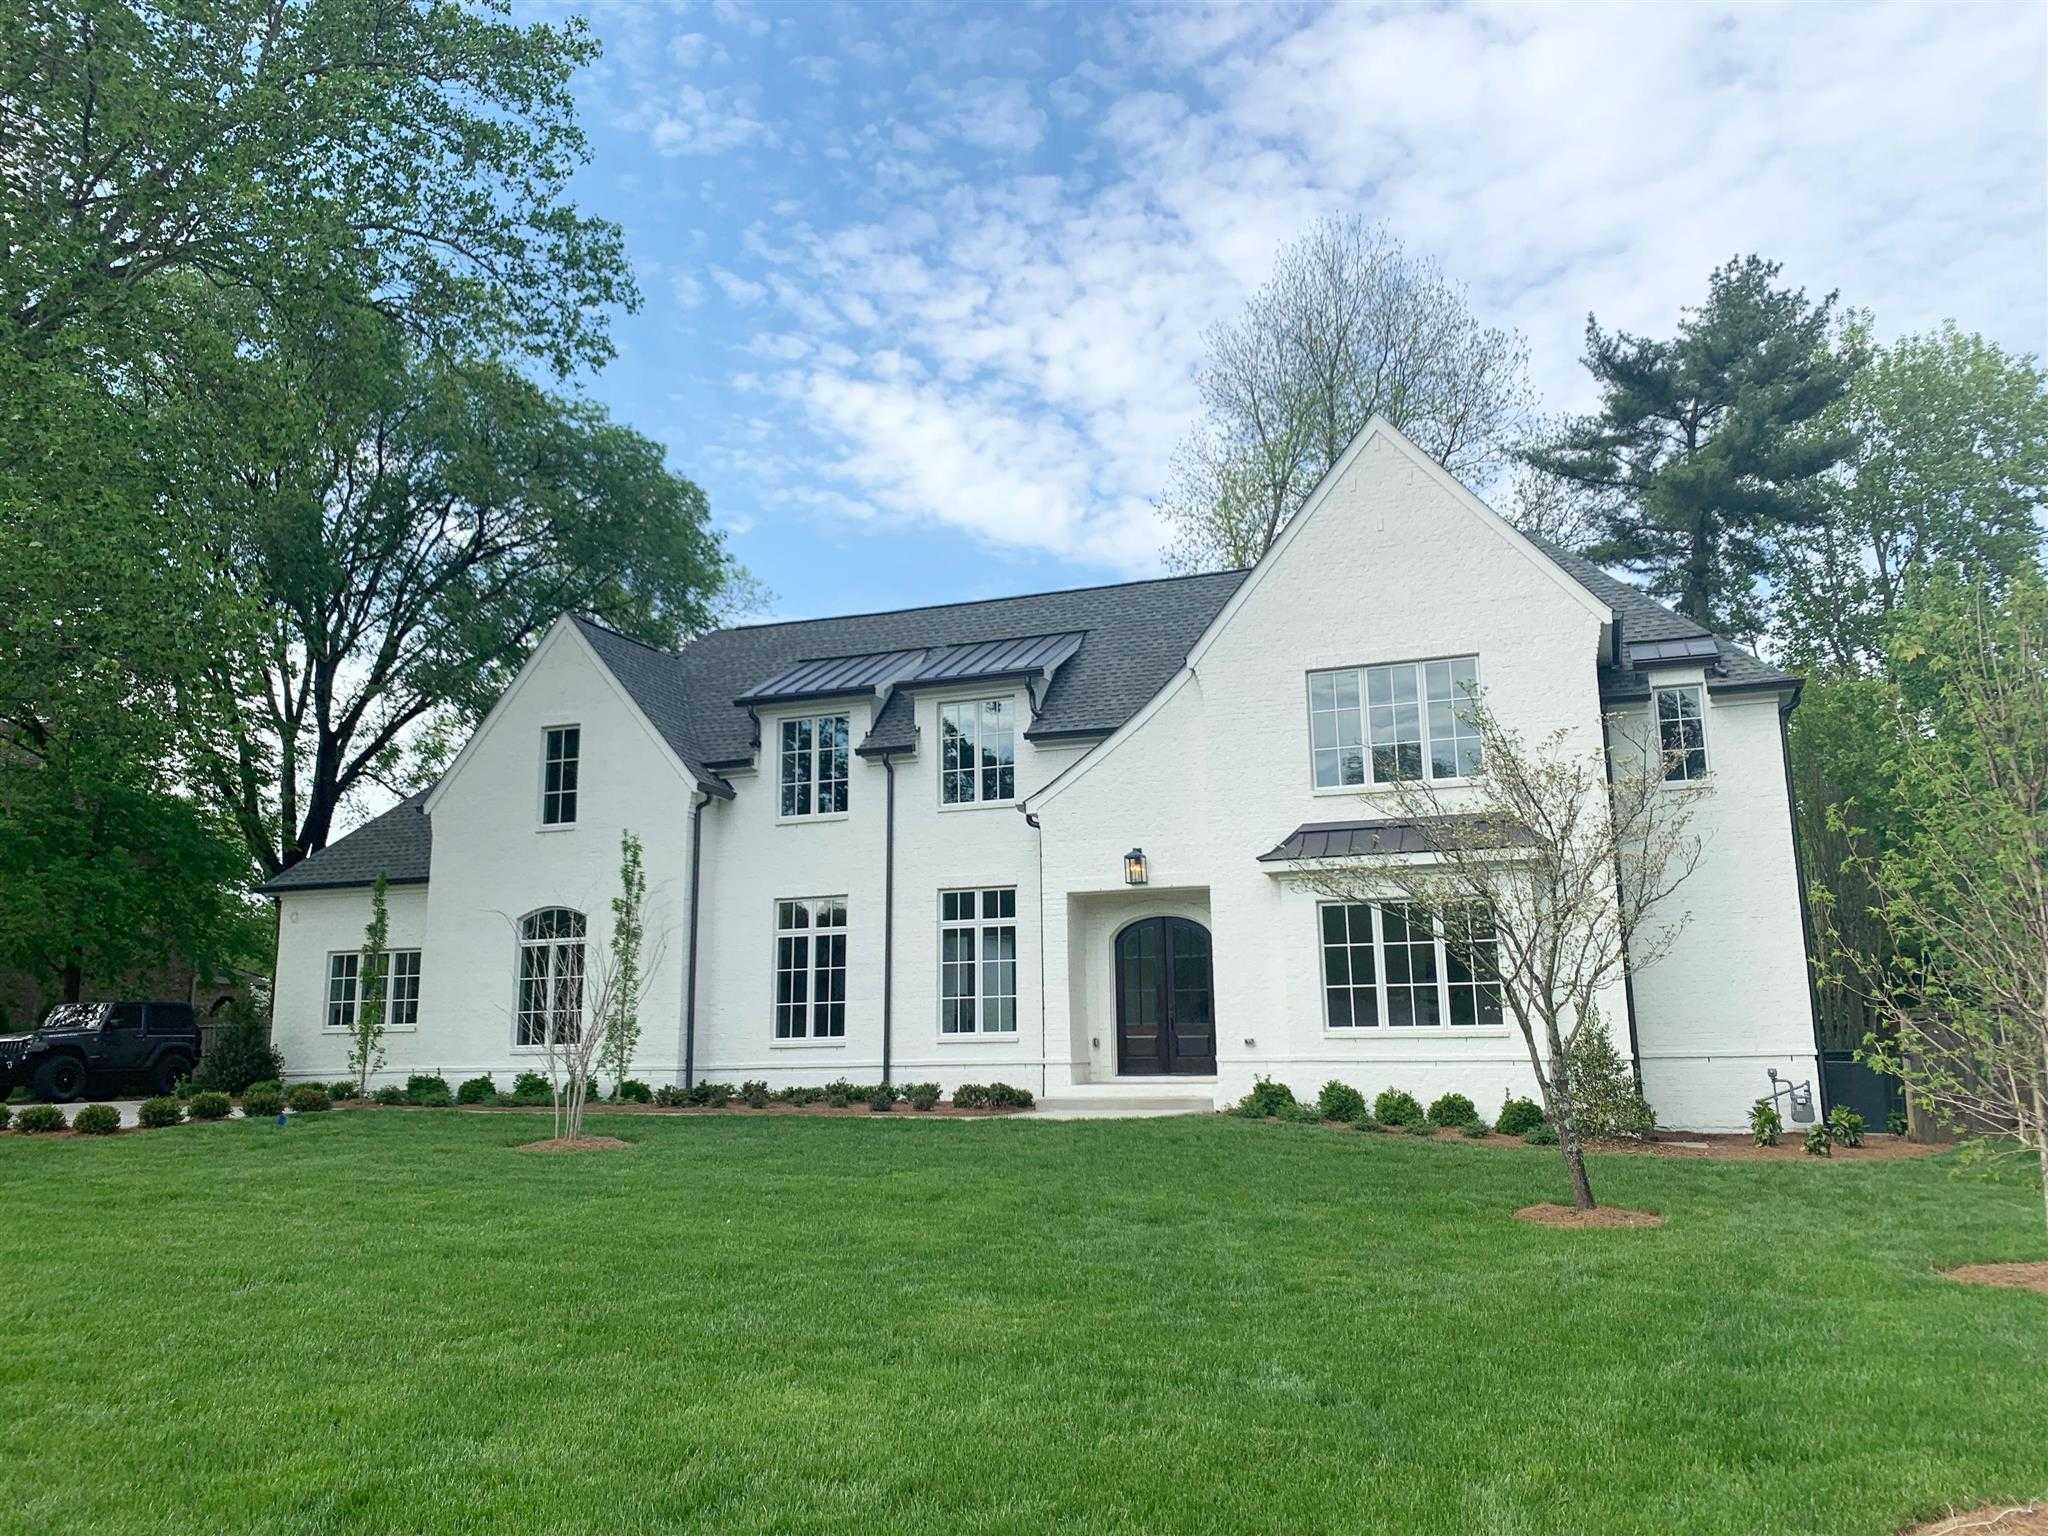 $2,199,000 - 5Br/6Ba -  for Sale in Belle Meade Highlands, Nashville